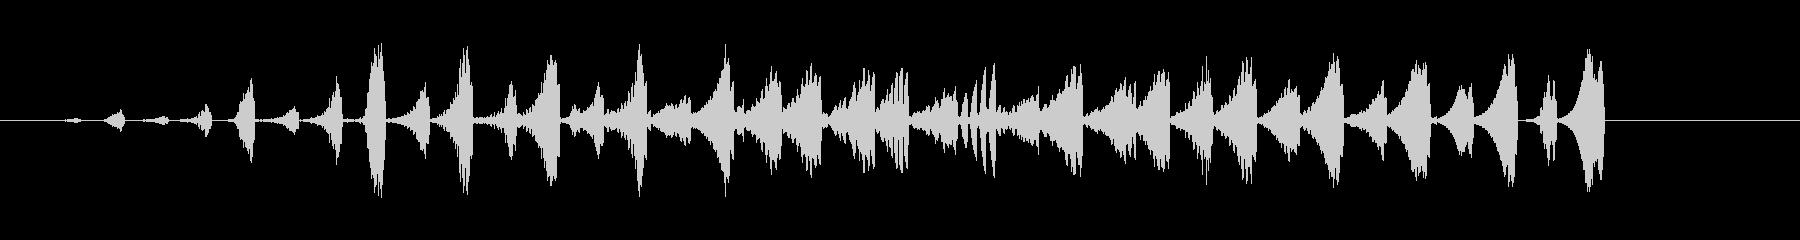 場面転換、タッチ用途SE02-3の未再生の波形